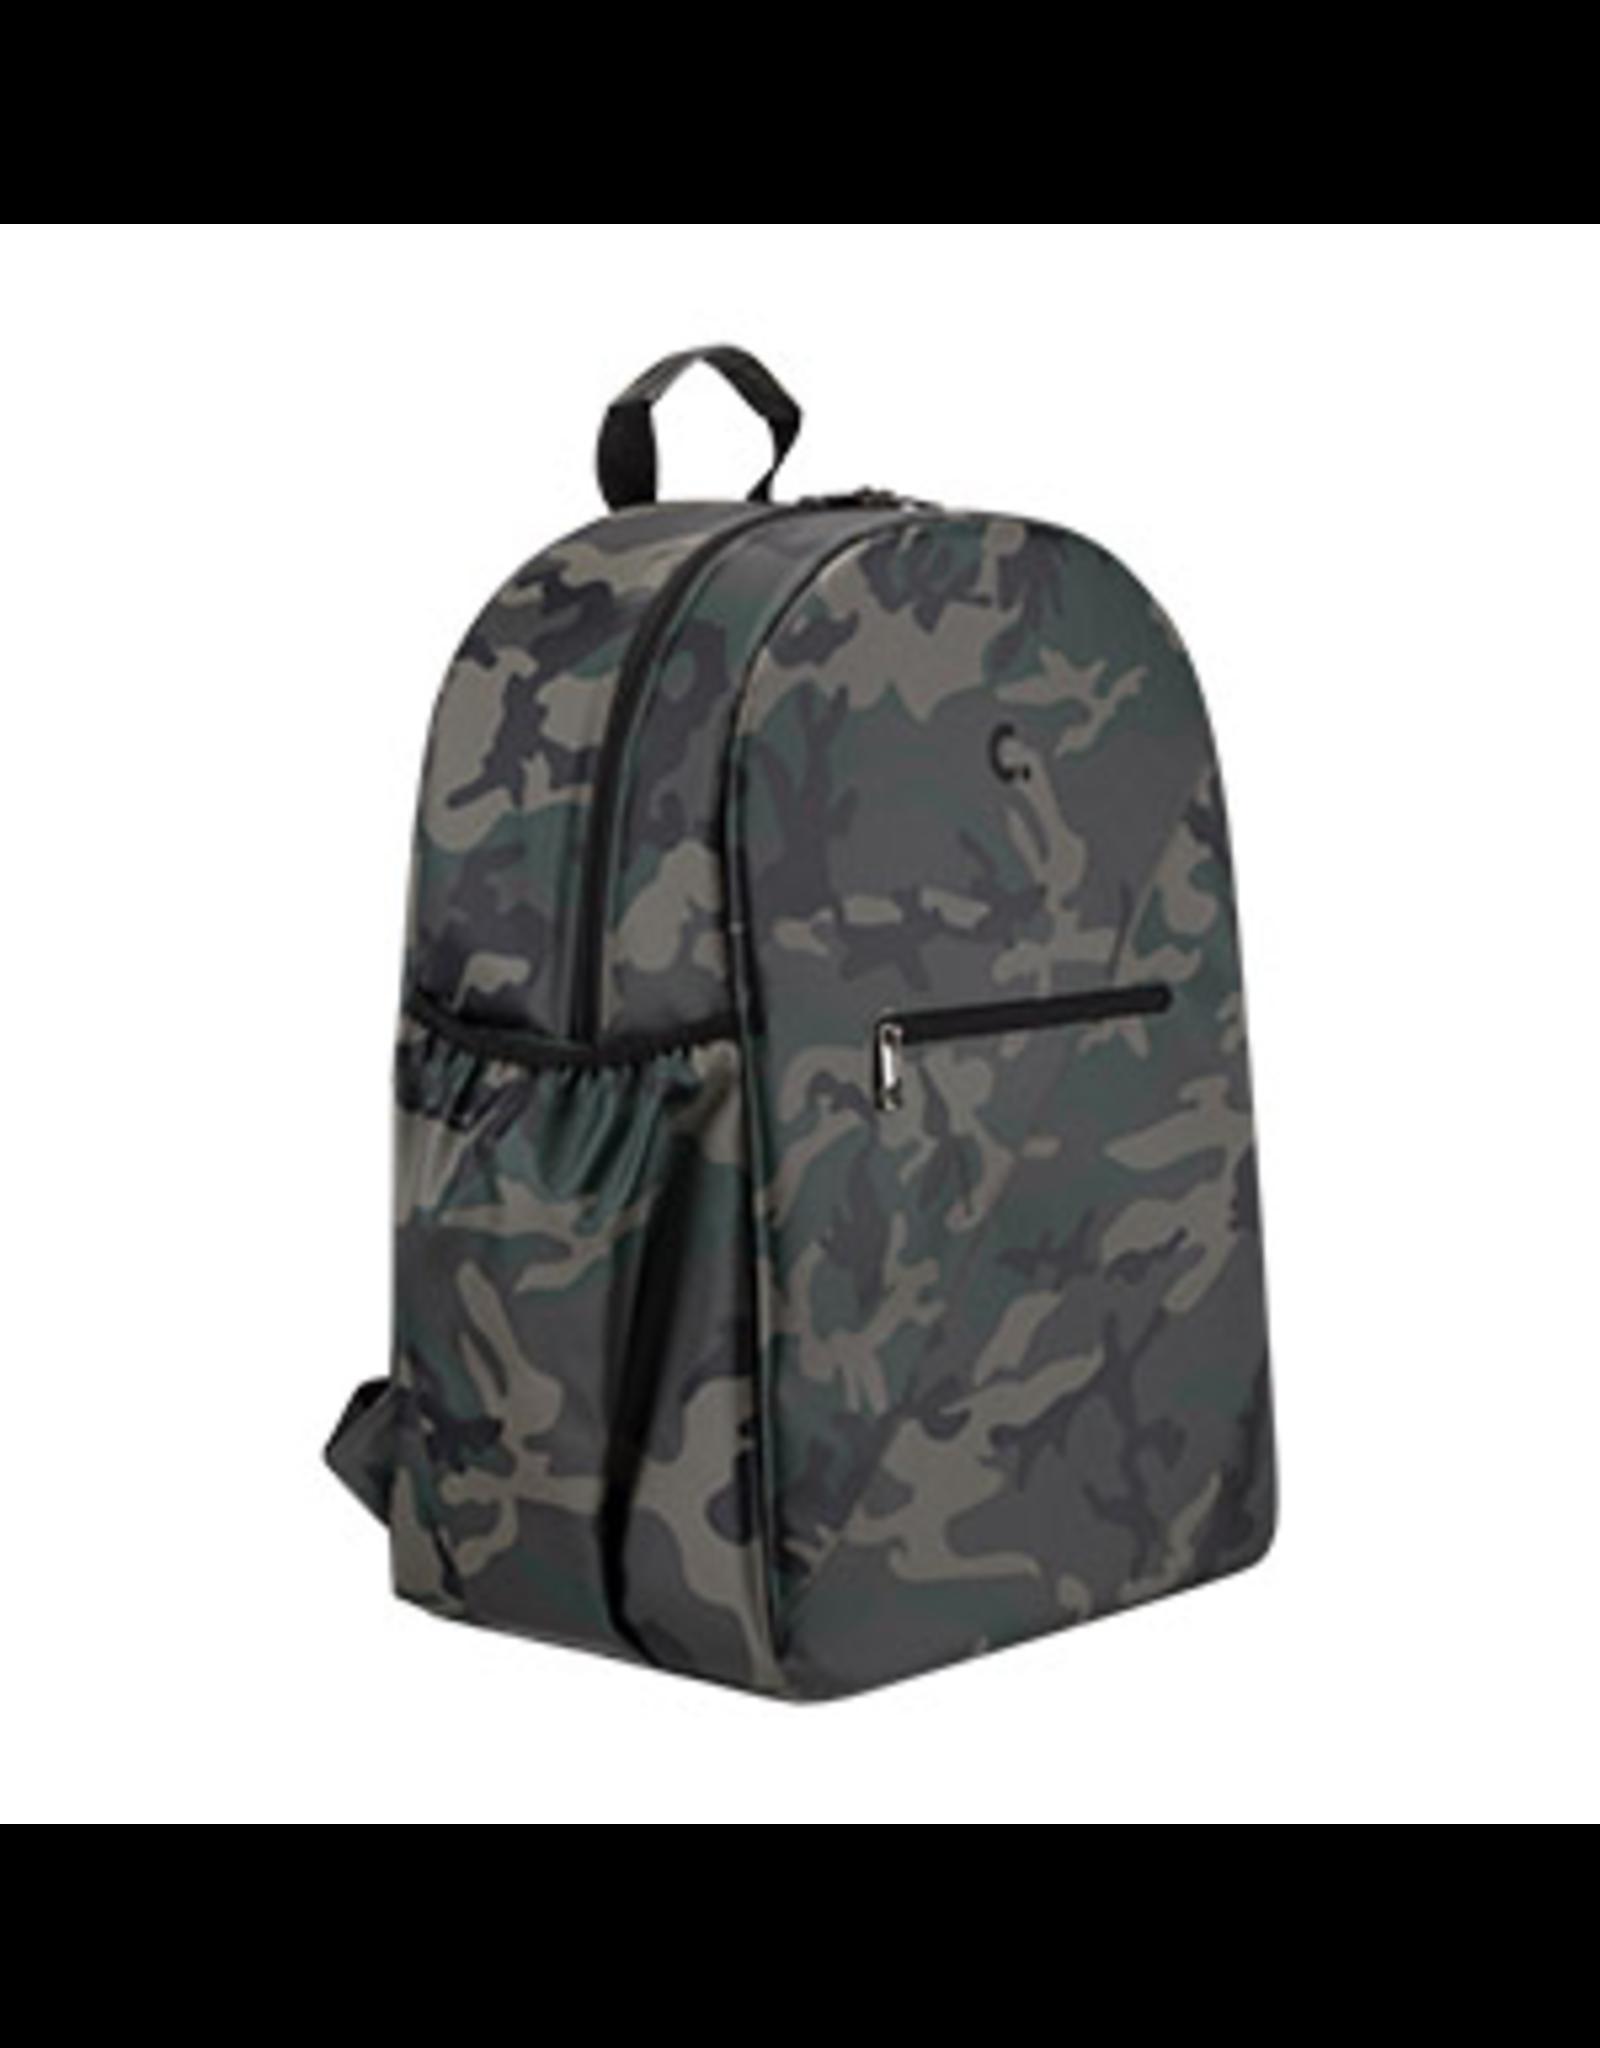 Corkcicle Brantley Backpack - Woodland Camo